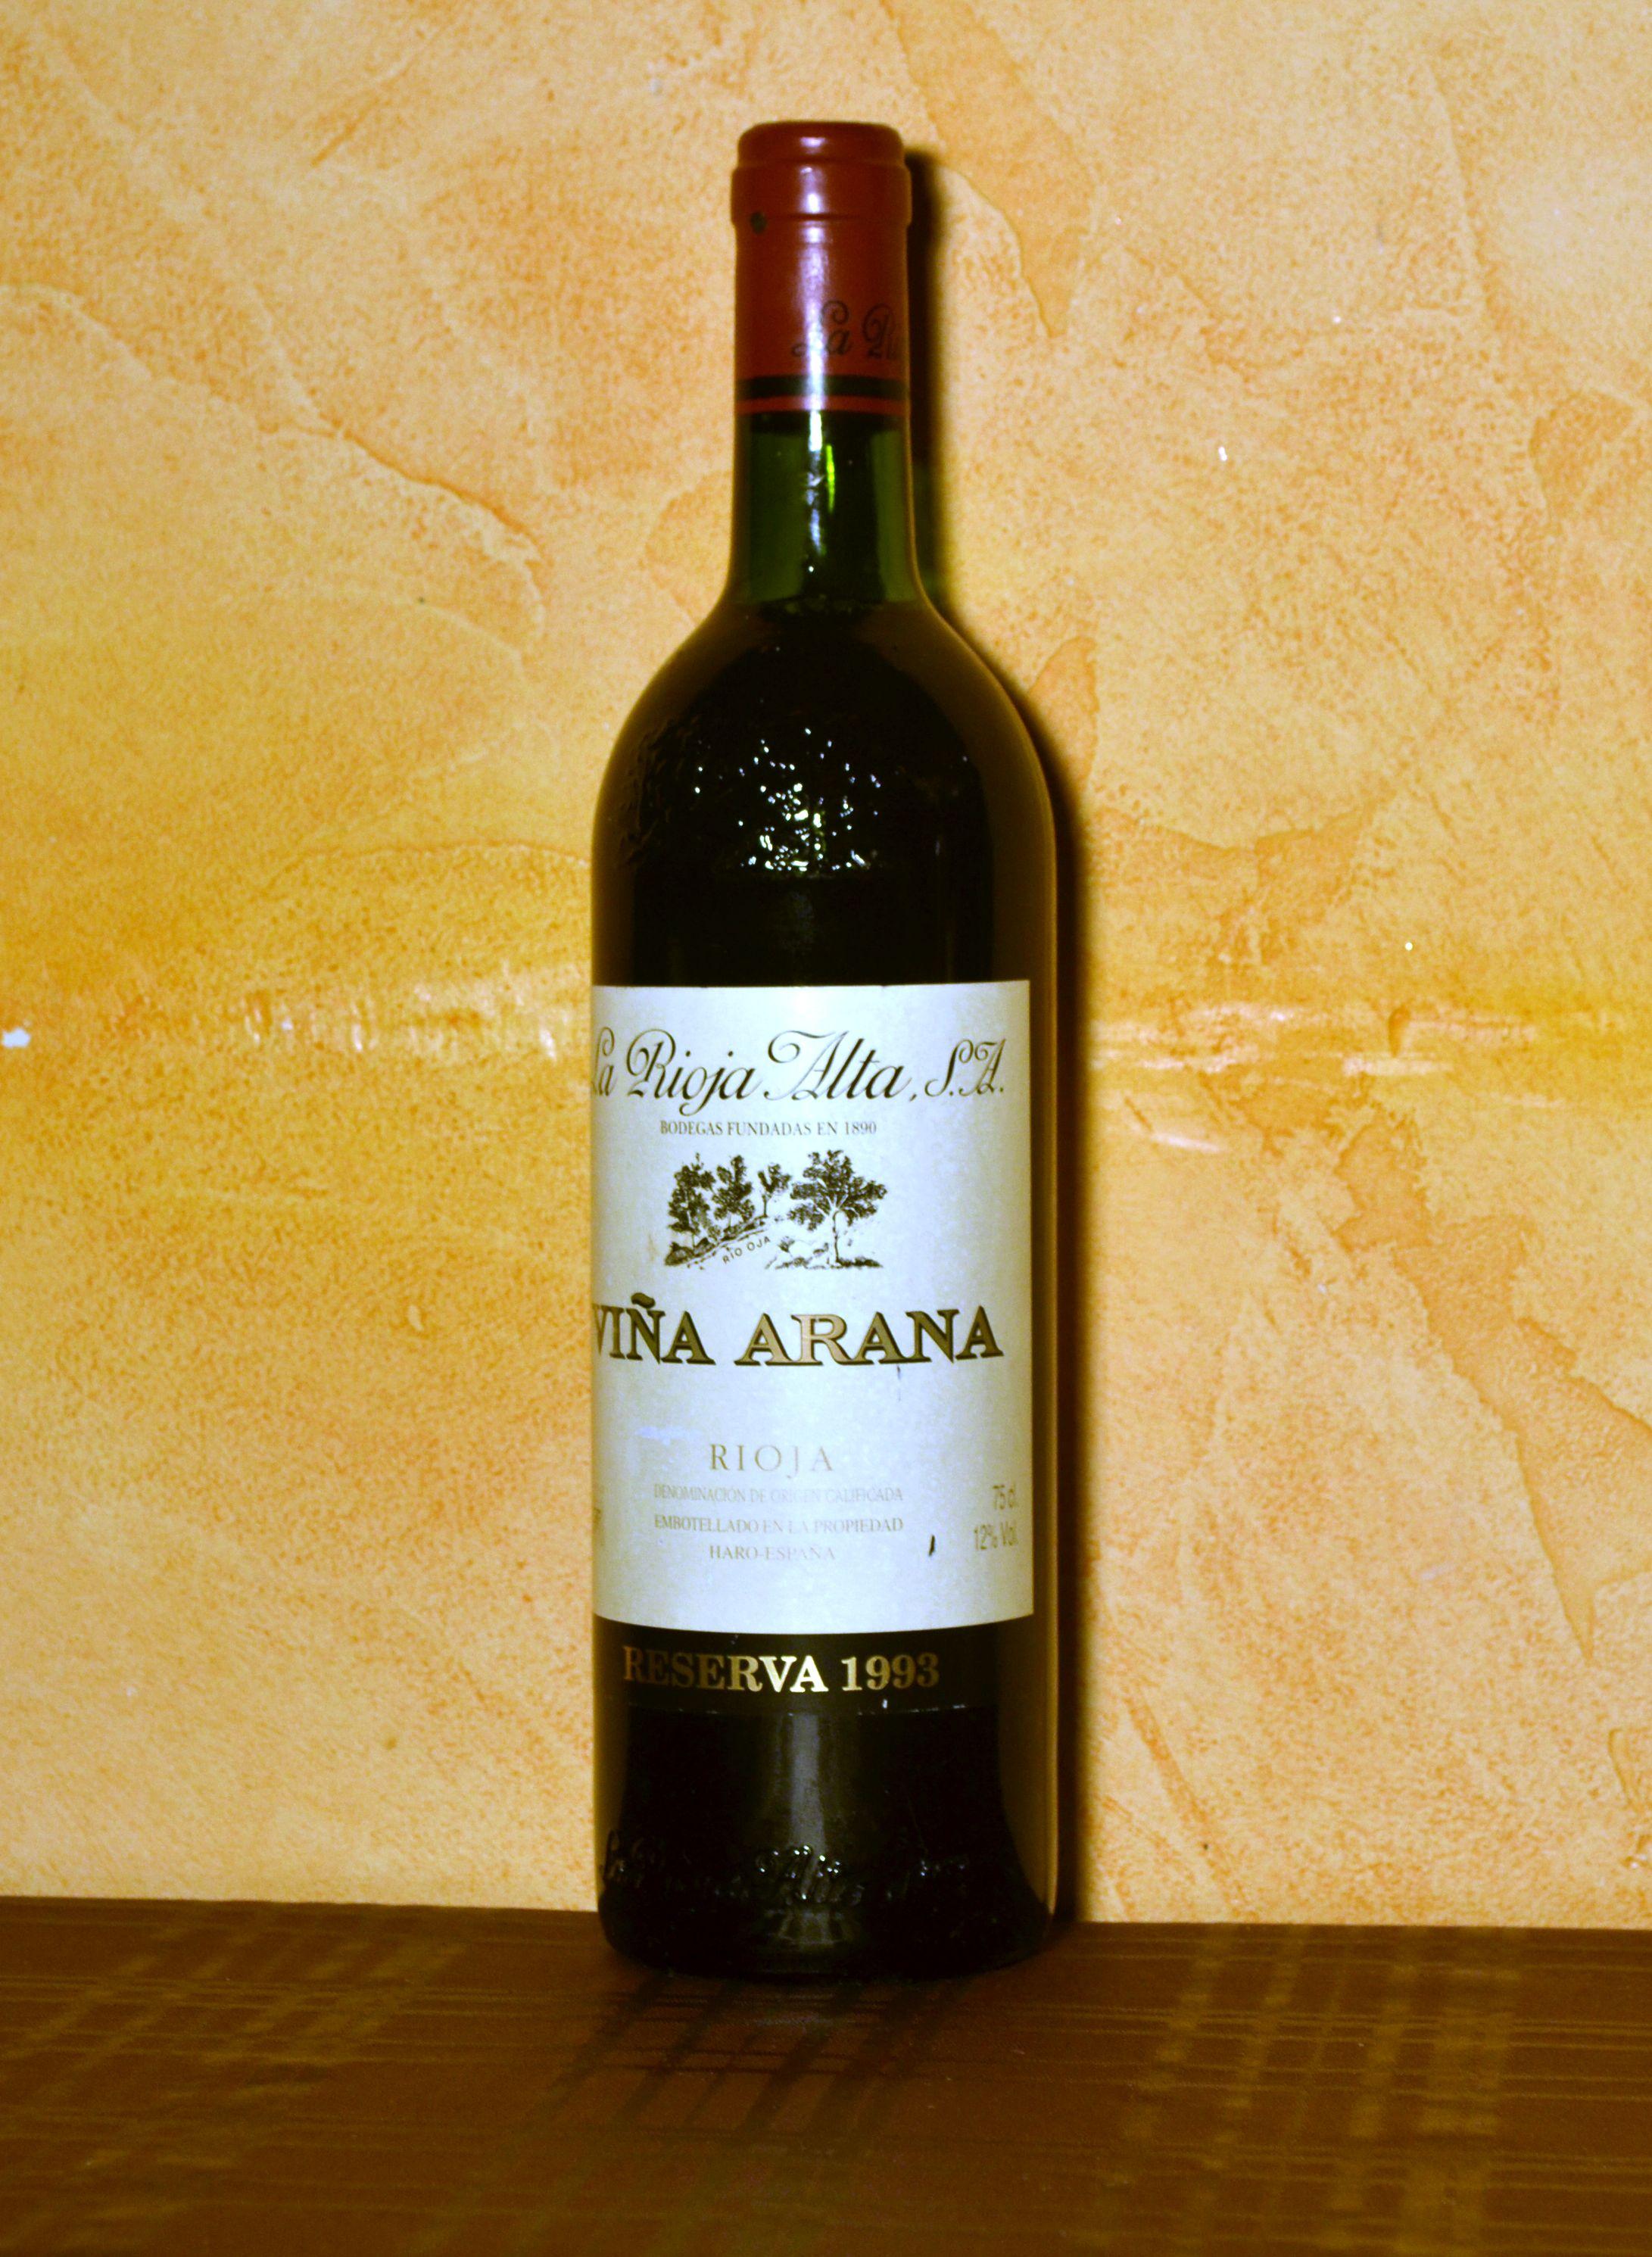 Viña Arana Reserva 1993